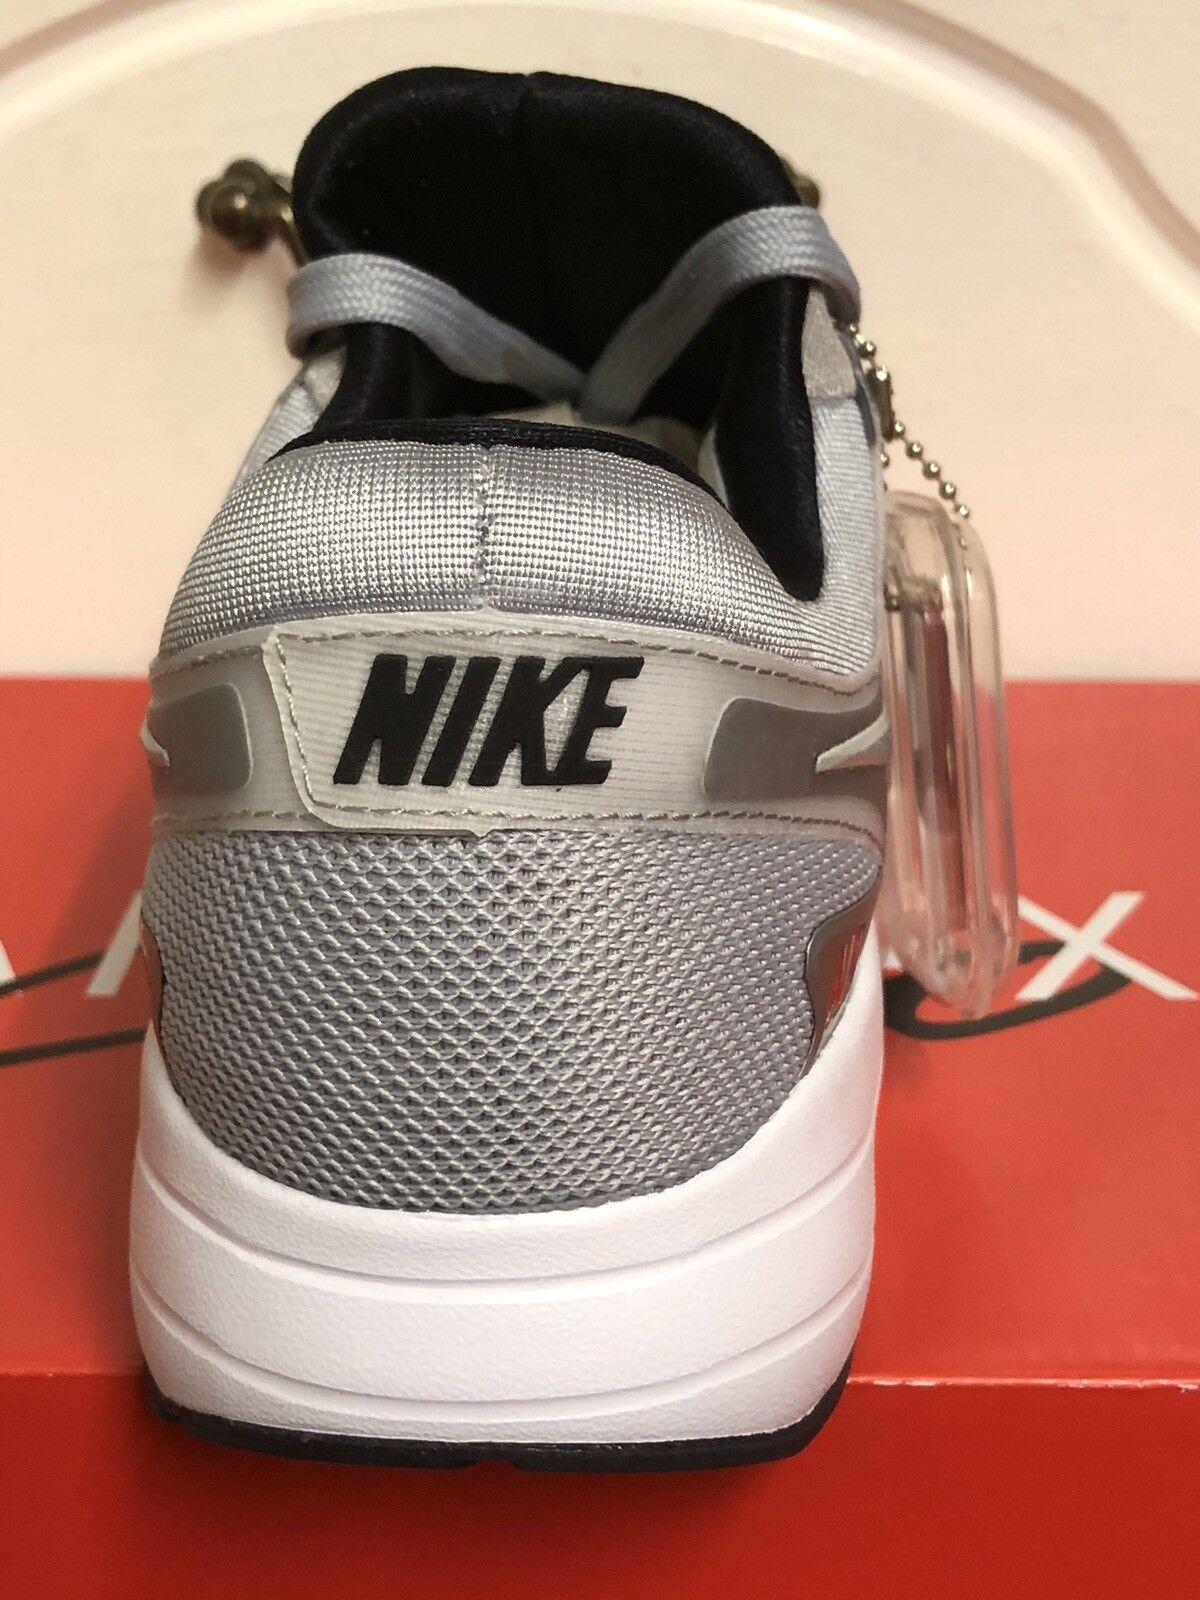 new style 08748 da0d3 ... NIKE AIR MAX MAX MAX ZERO QS Baskets Homme Baskets Chaussures US 7  6c58dd ...